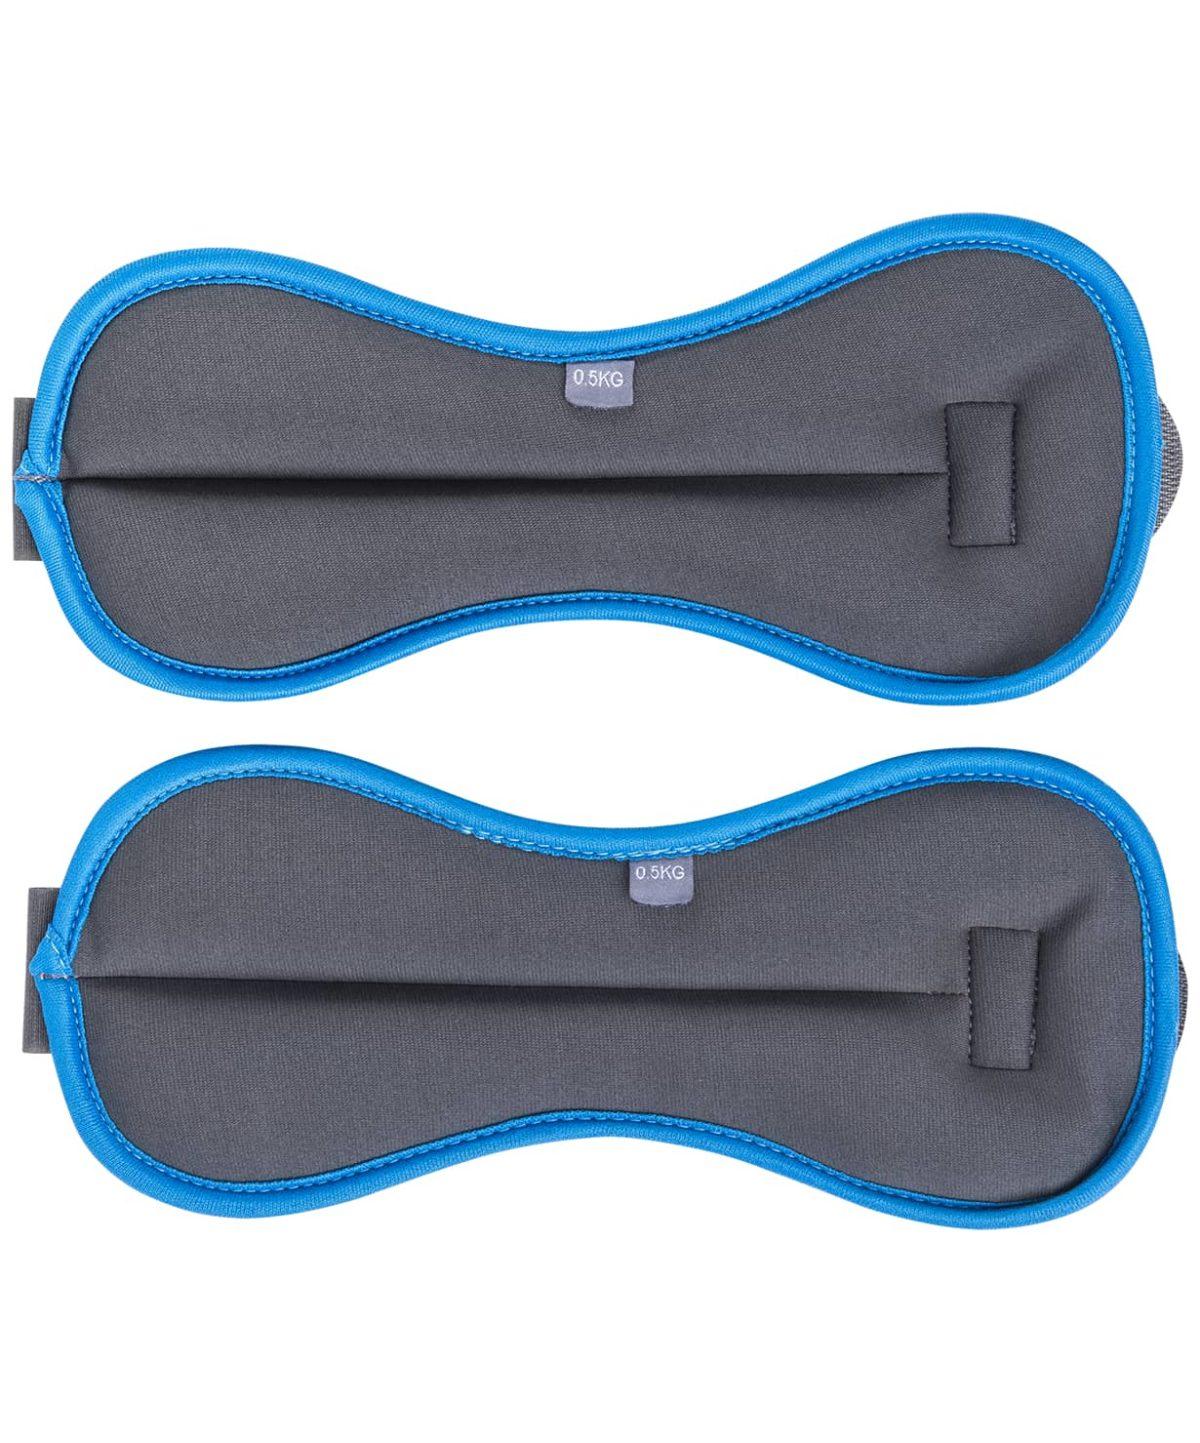 STARFIT Утяжелители универсальные, 1,5 кг WT-501: серый/синий - 2